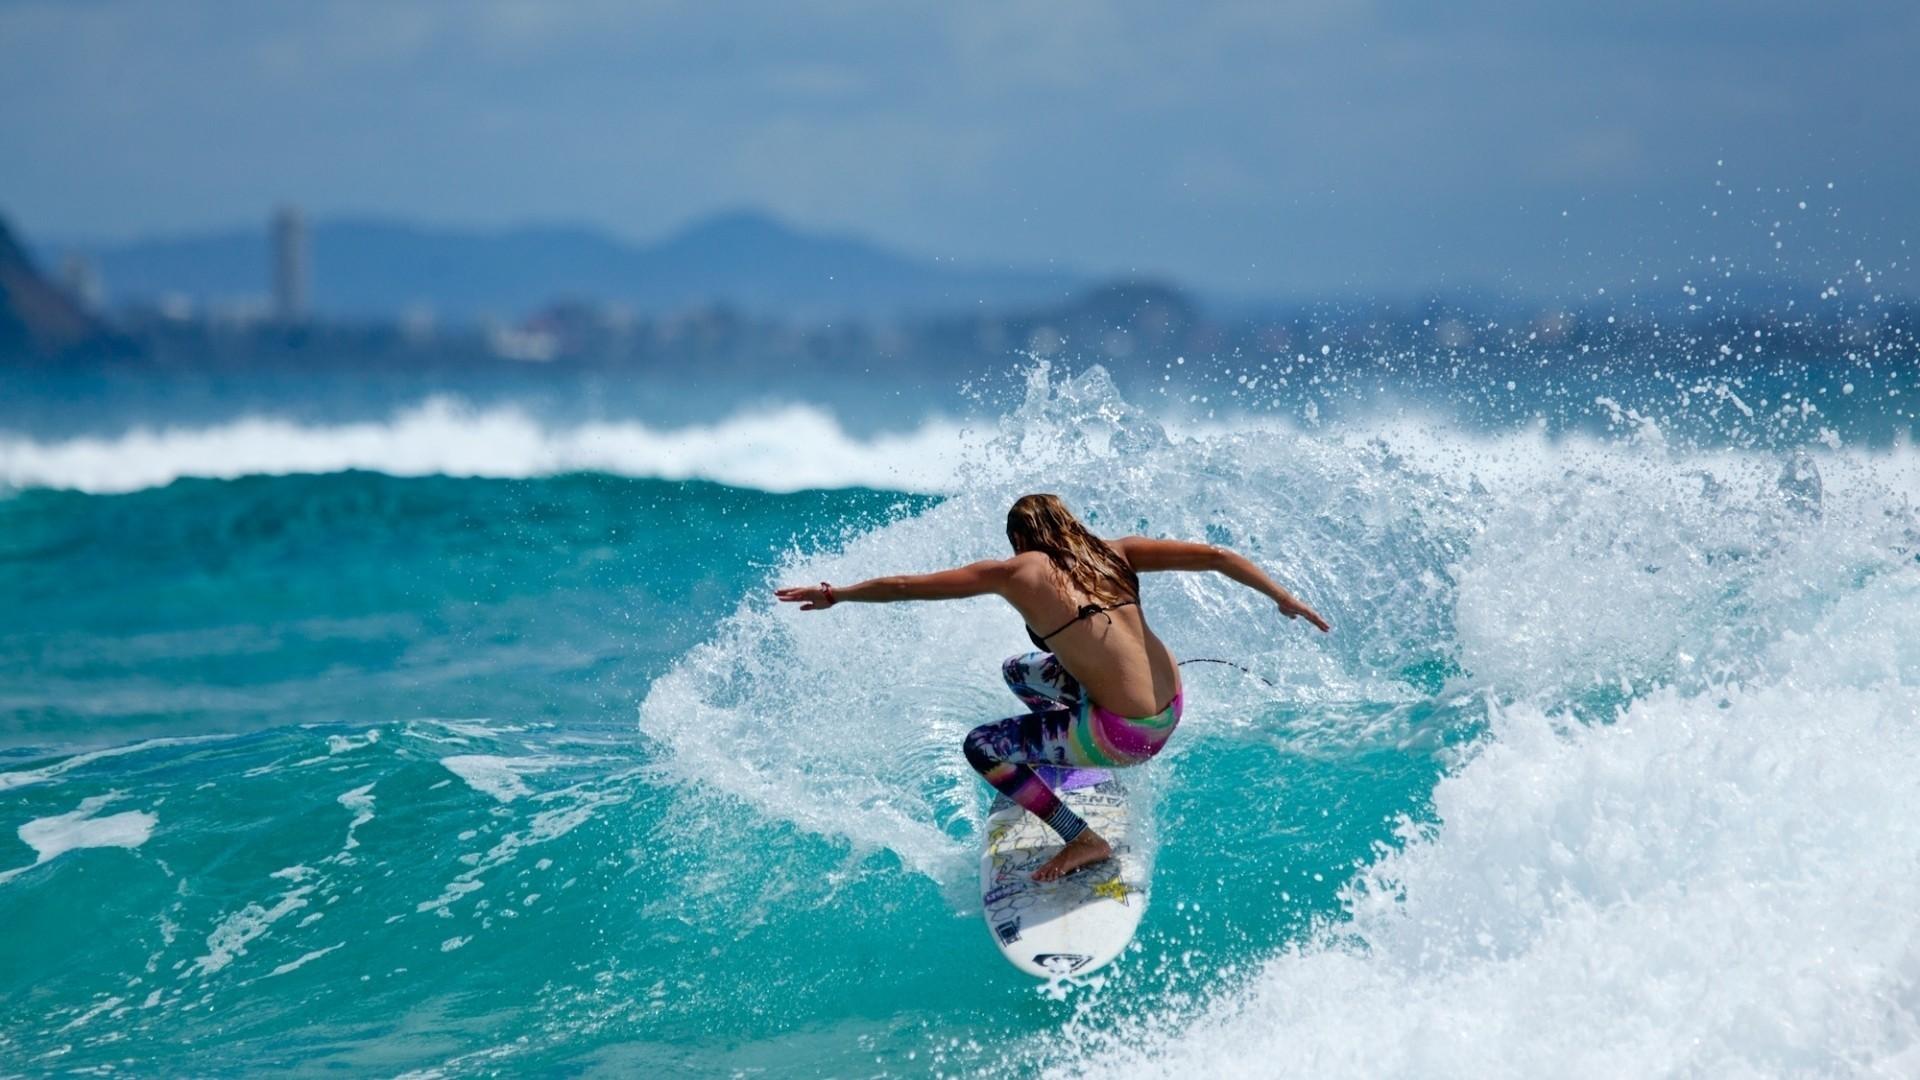 Surfer Girl Desktop Wallpaper 58688